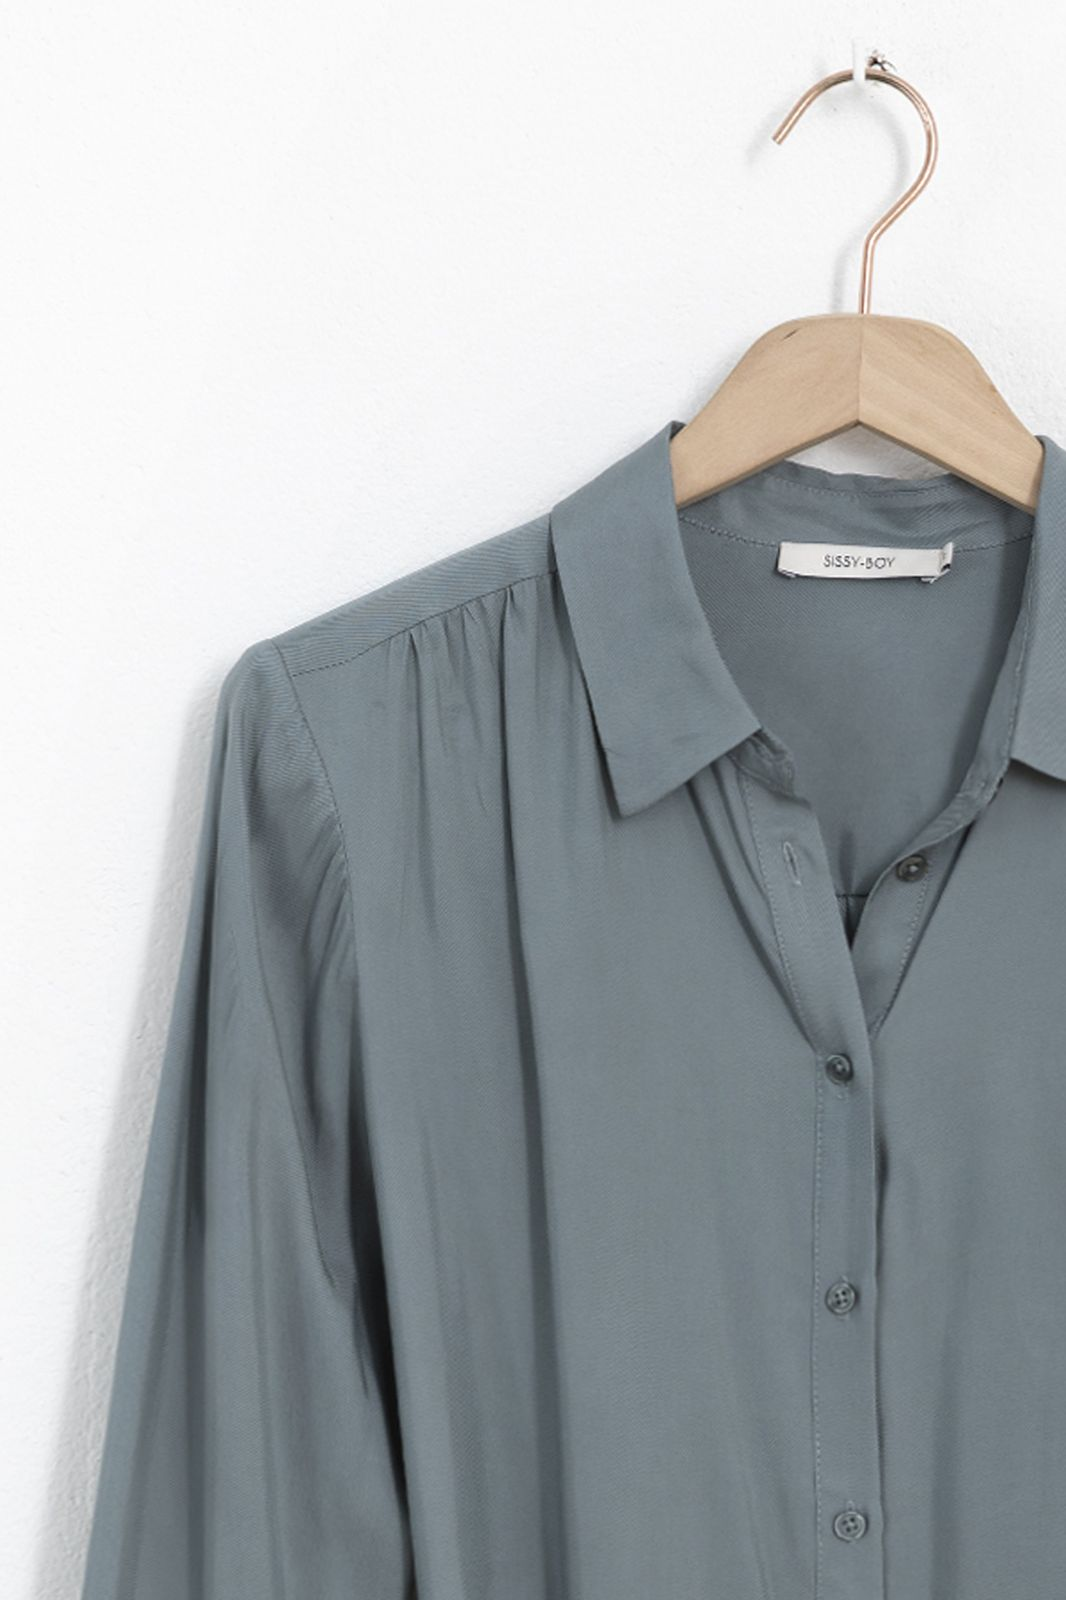 Blauwe cupro jurk met strikceintuur - Dames   Sissy-Boy